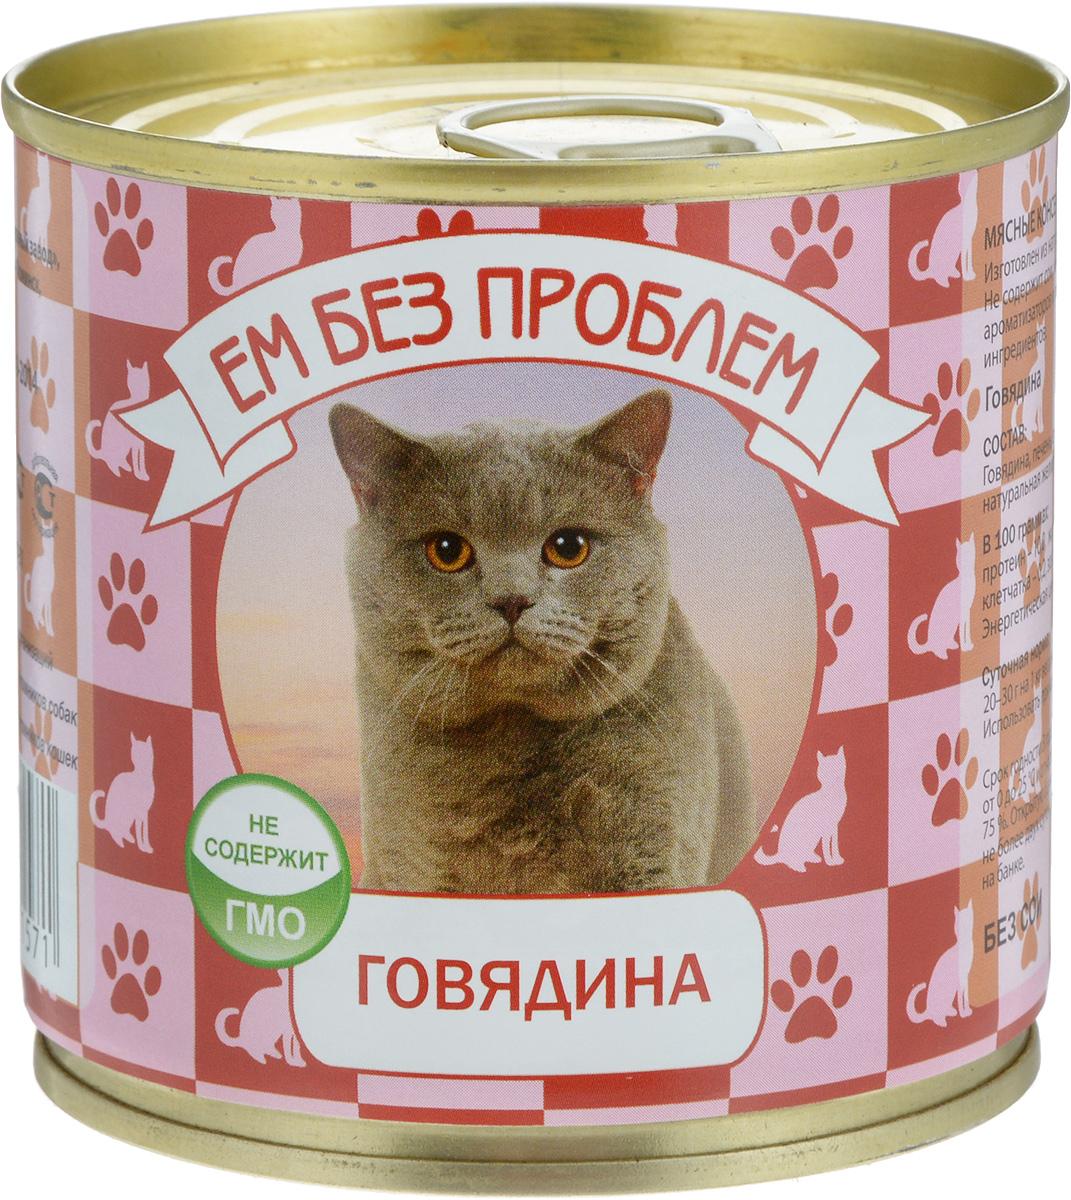 """Консервы для кошек """"Ем без проблем"""", говядина, 250 г"""